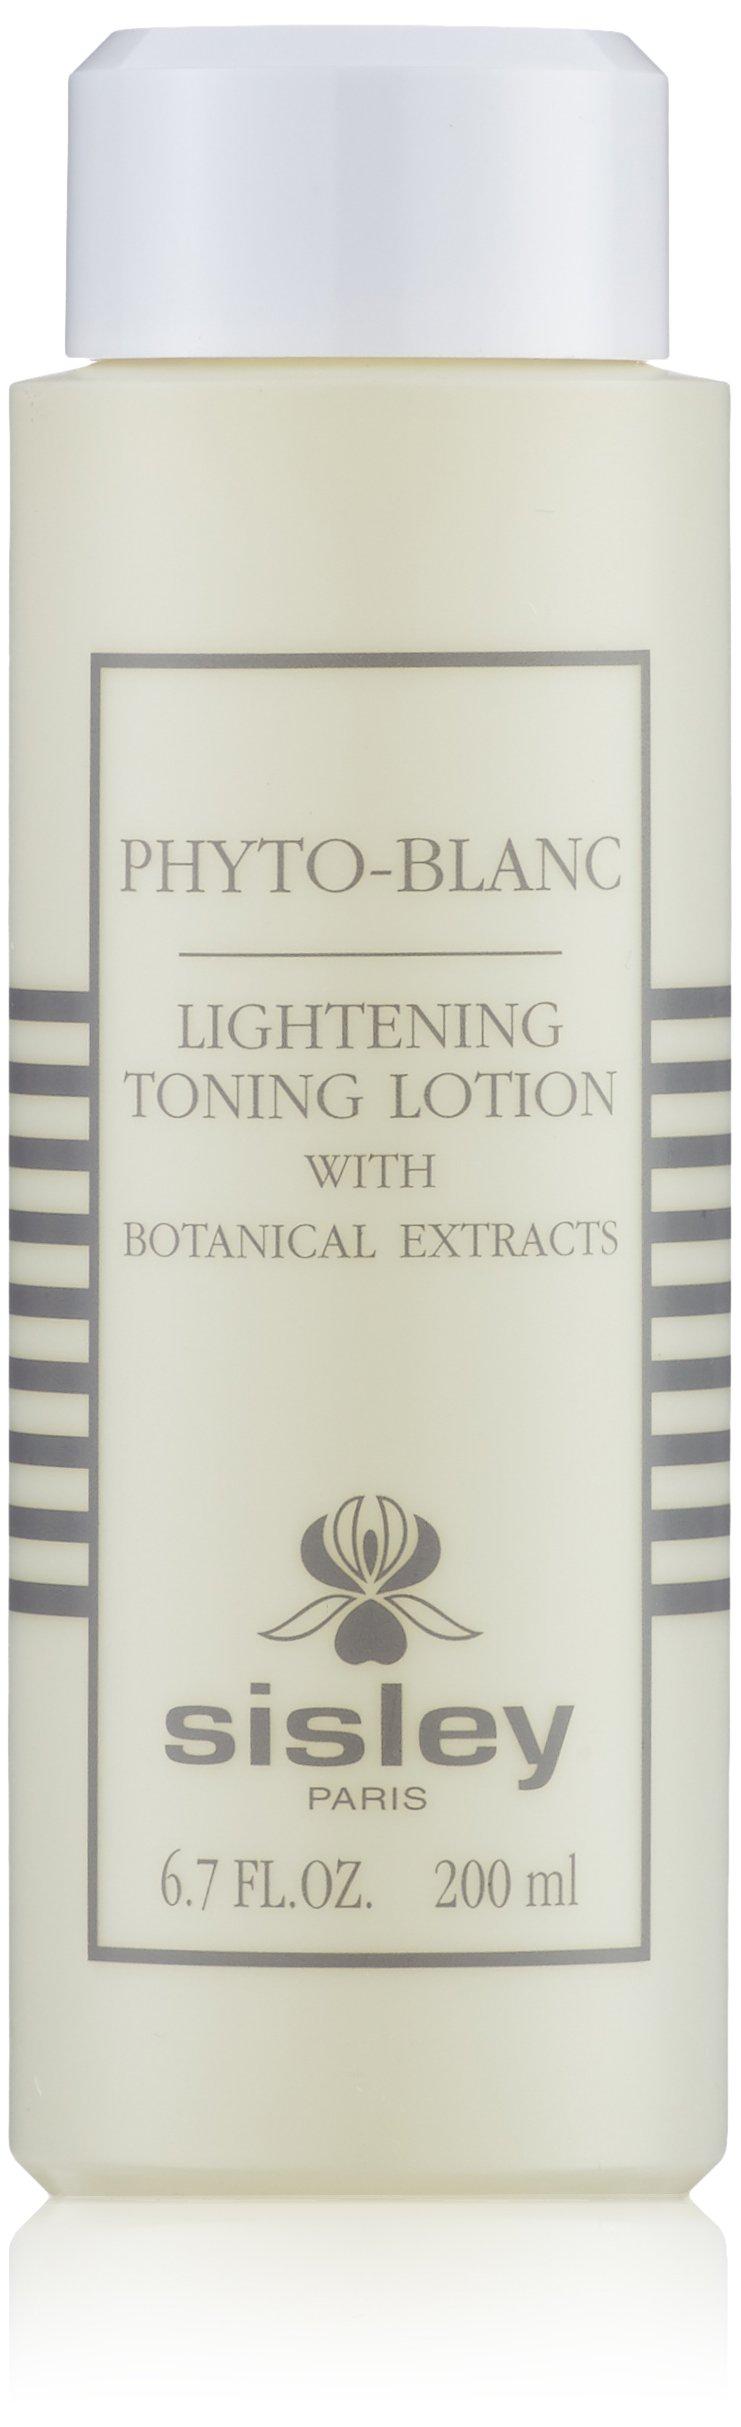 Sisley Phyto-Blanc Lightening Toning Lotion, 6.7-Ounce Box